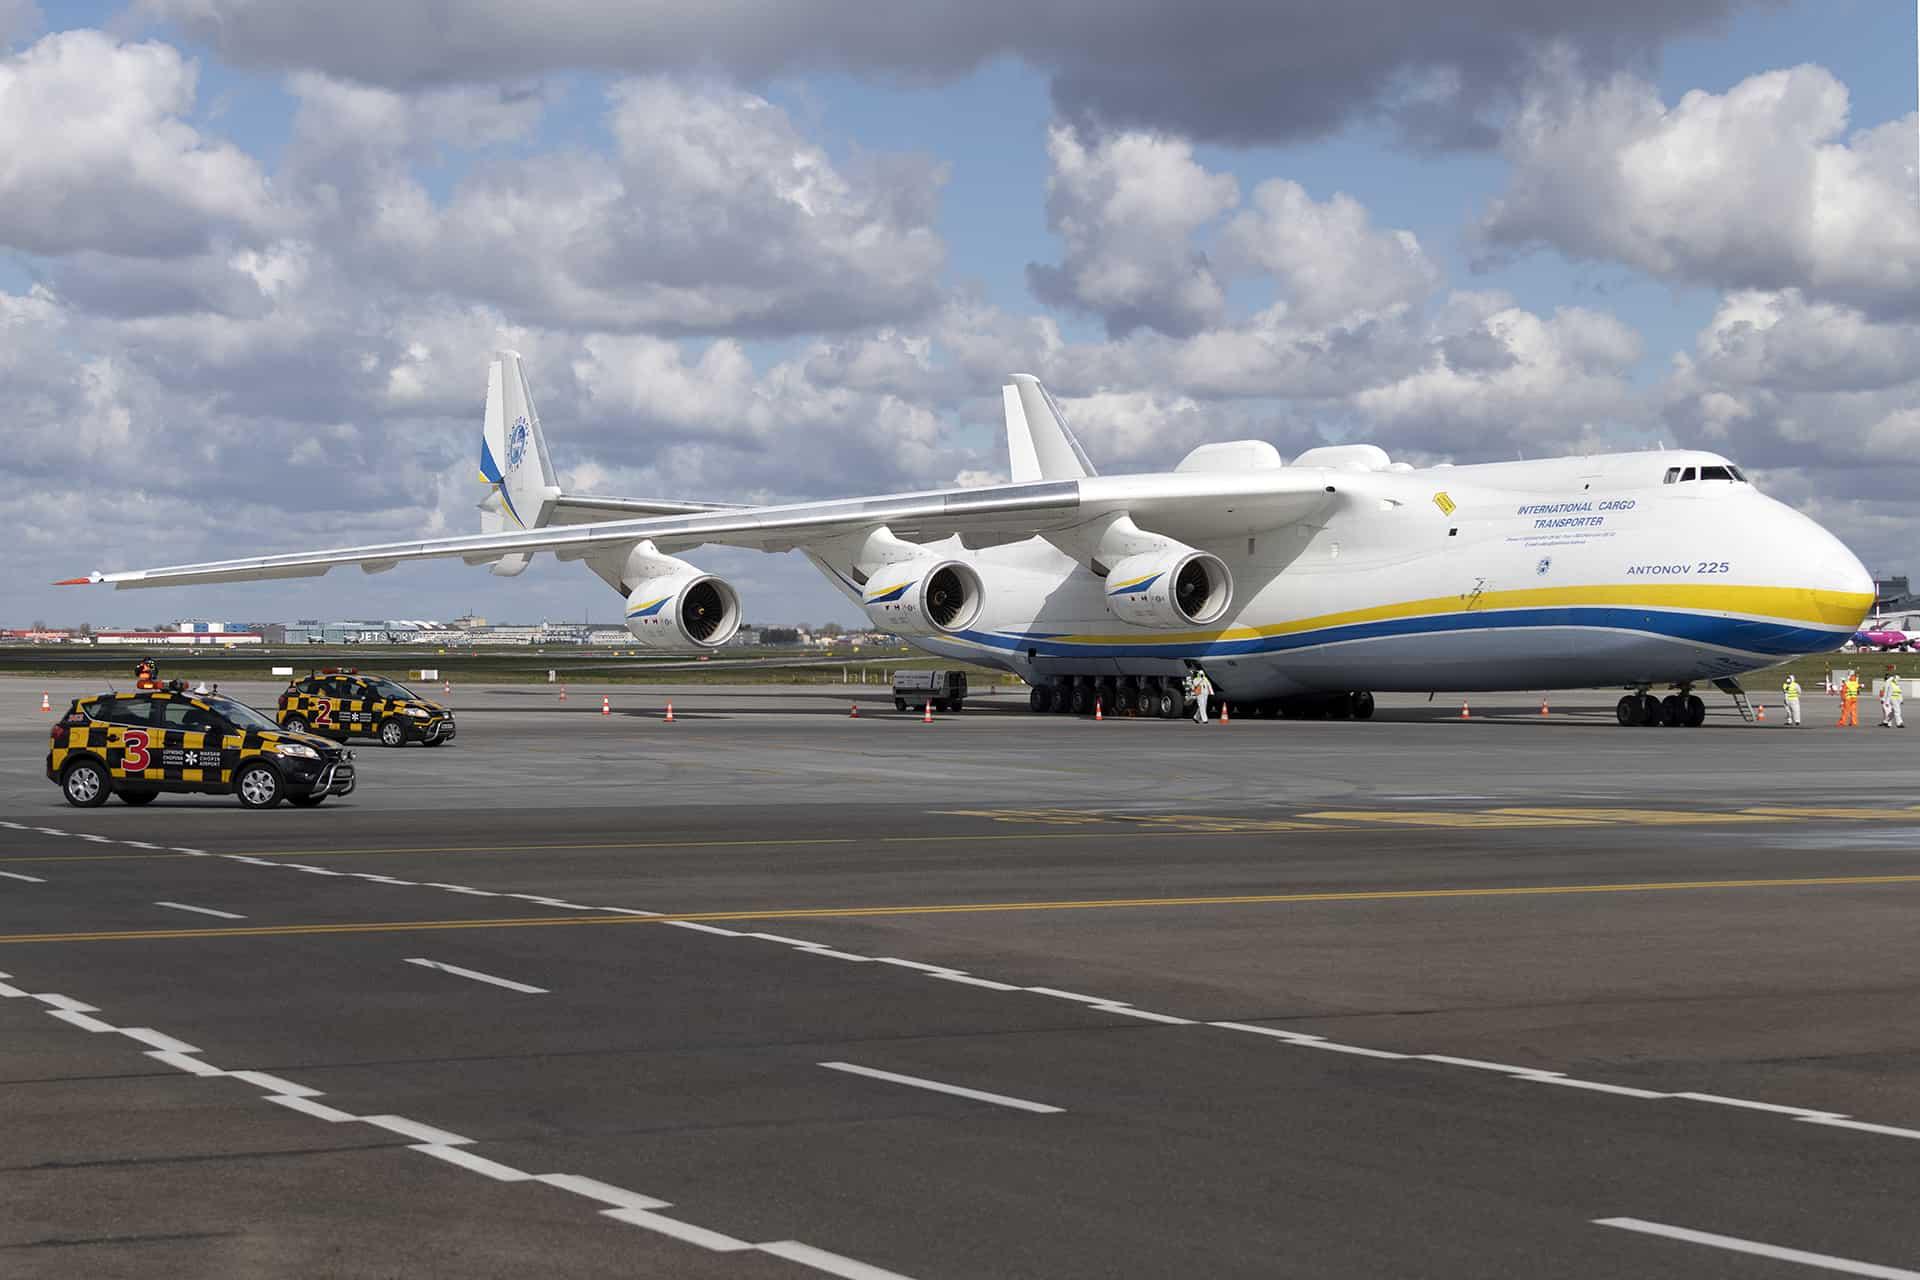 """Літак Ан-225 """"Мрія"""" привіз до Польщі засоби проти COVID19"""